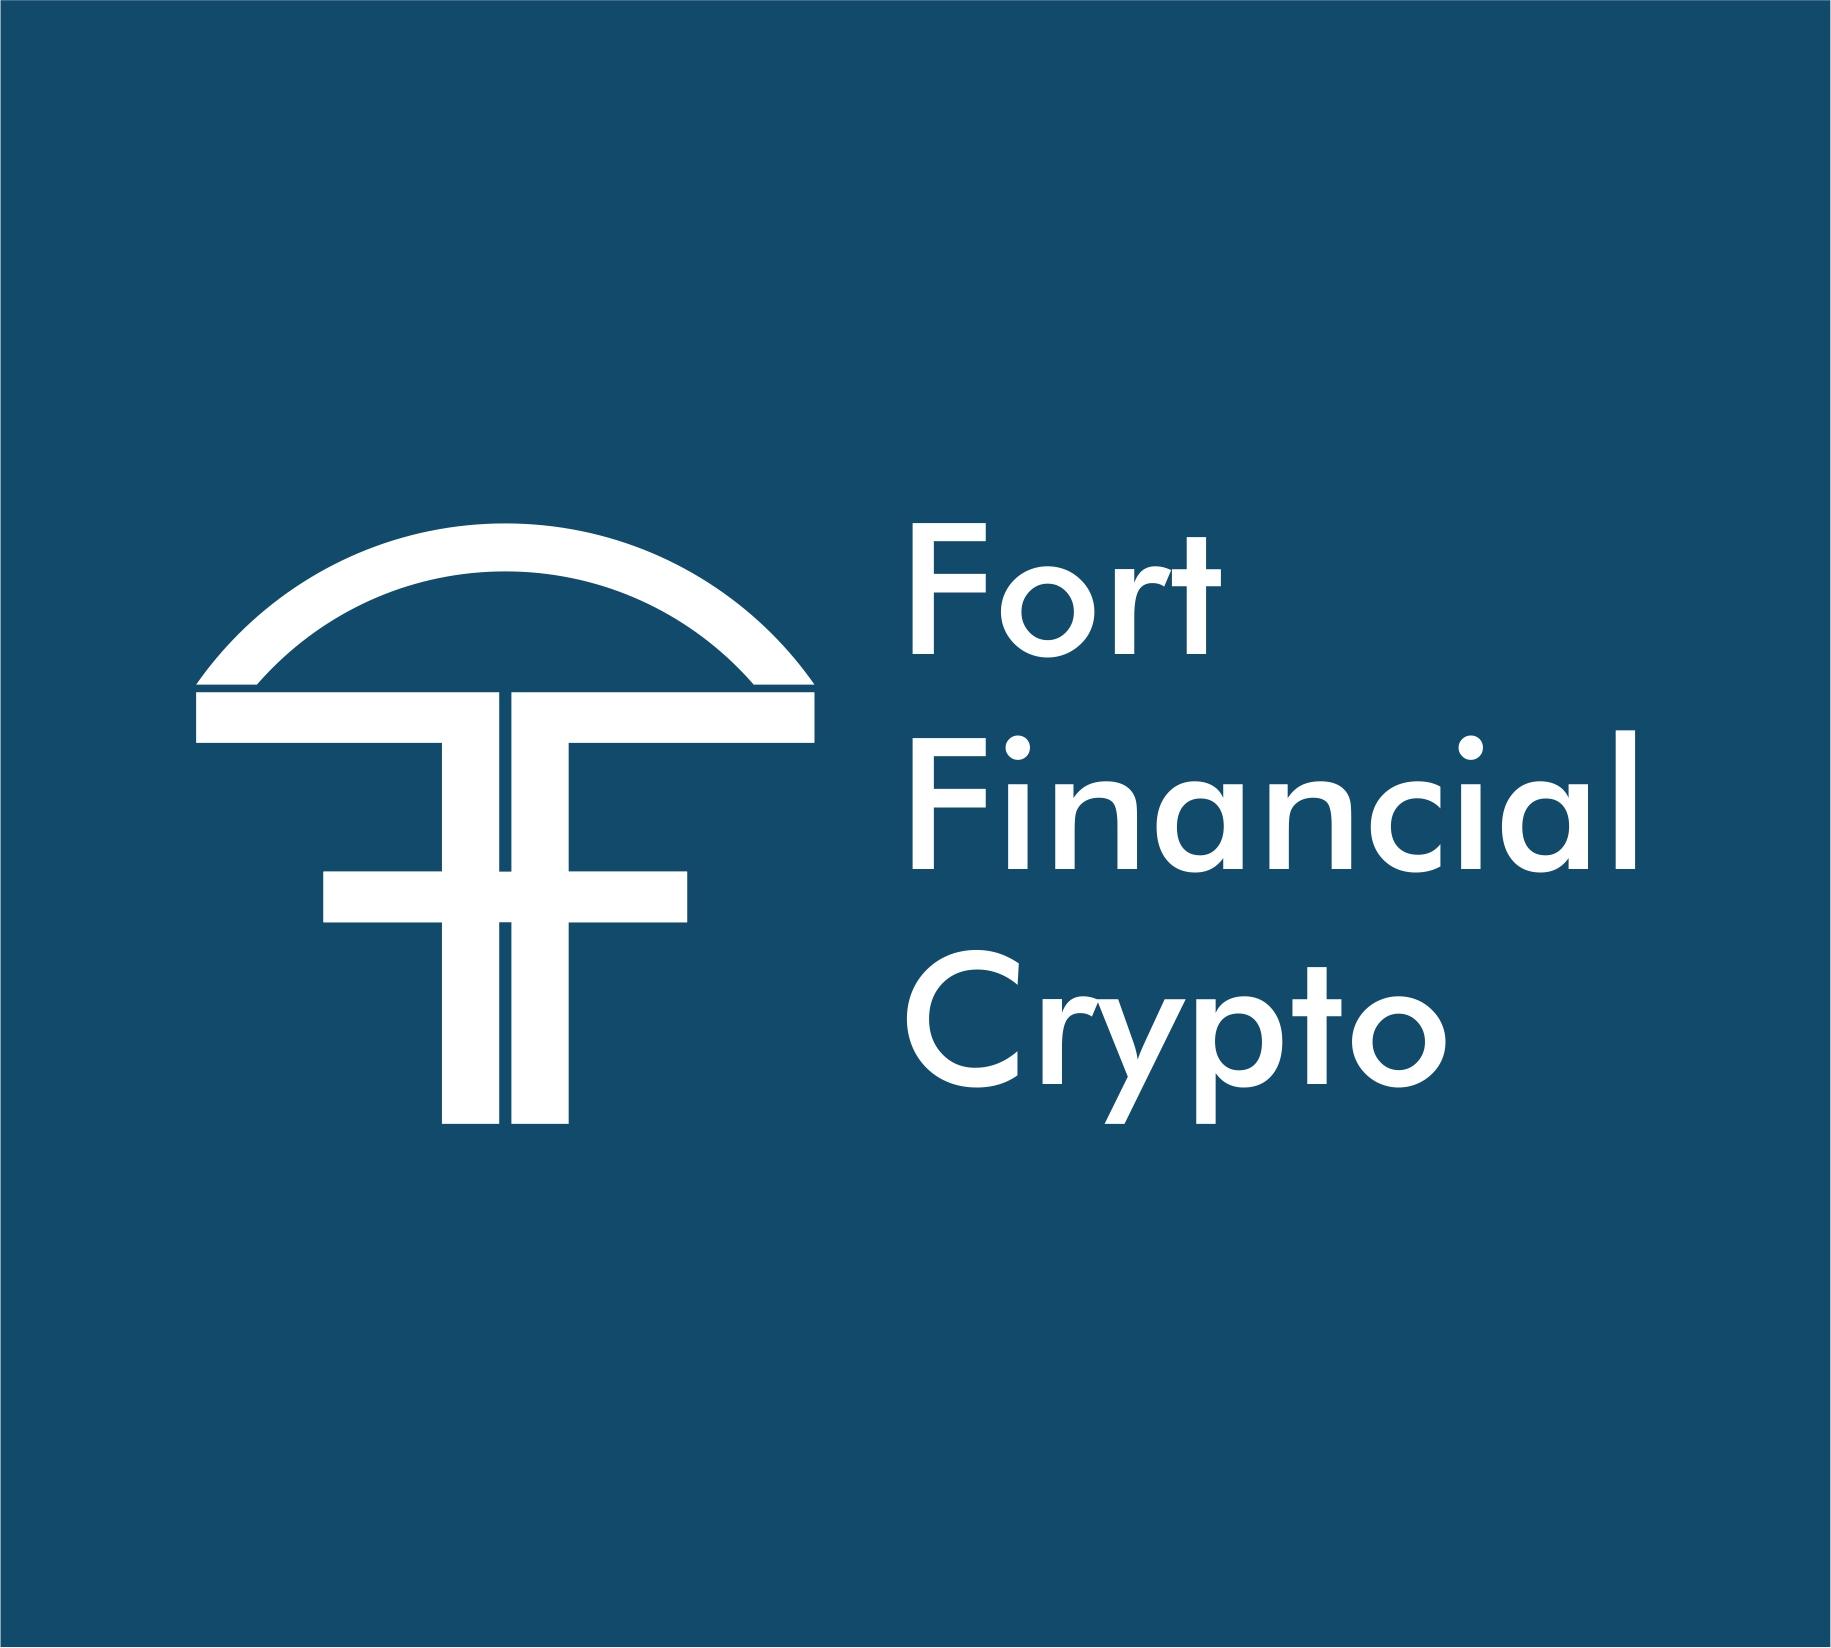 Разработка логотипа финансовой компании фото f_3785a8bc7d5f1fc9.jpg